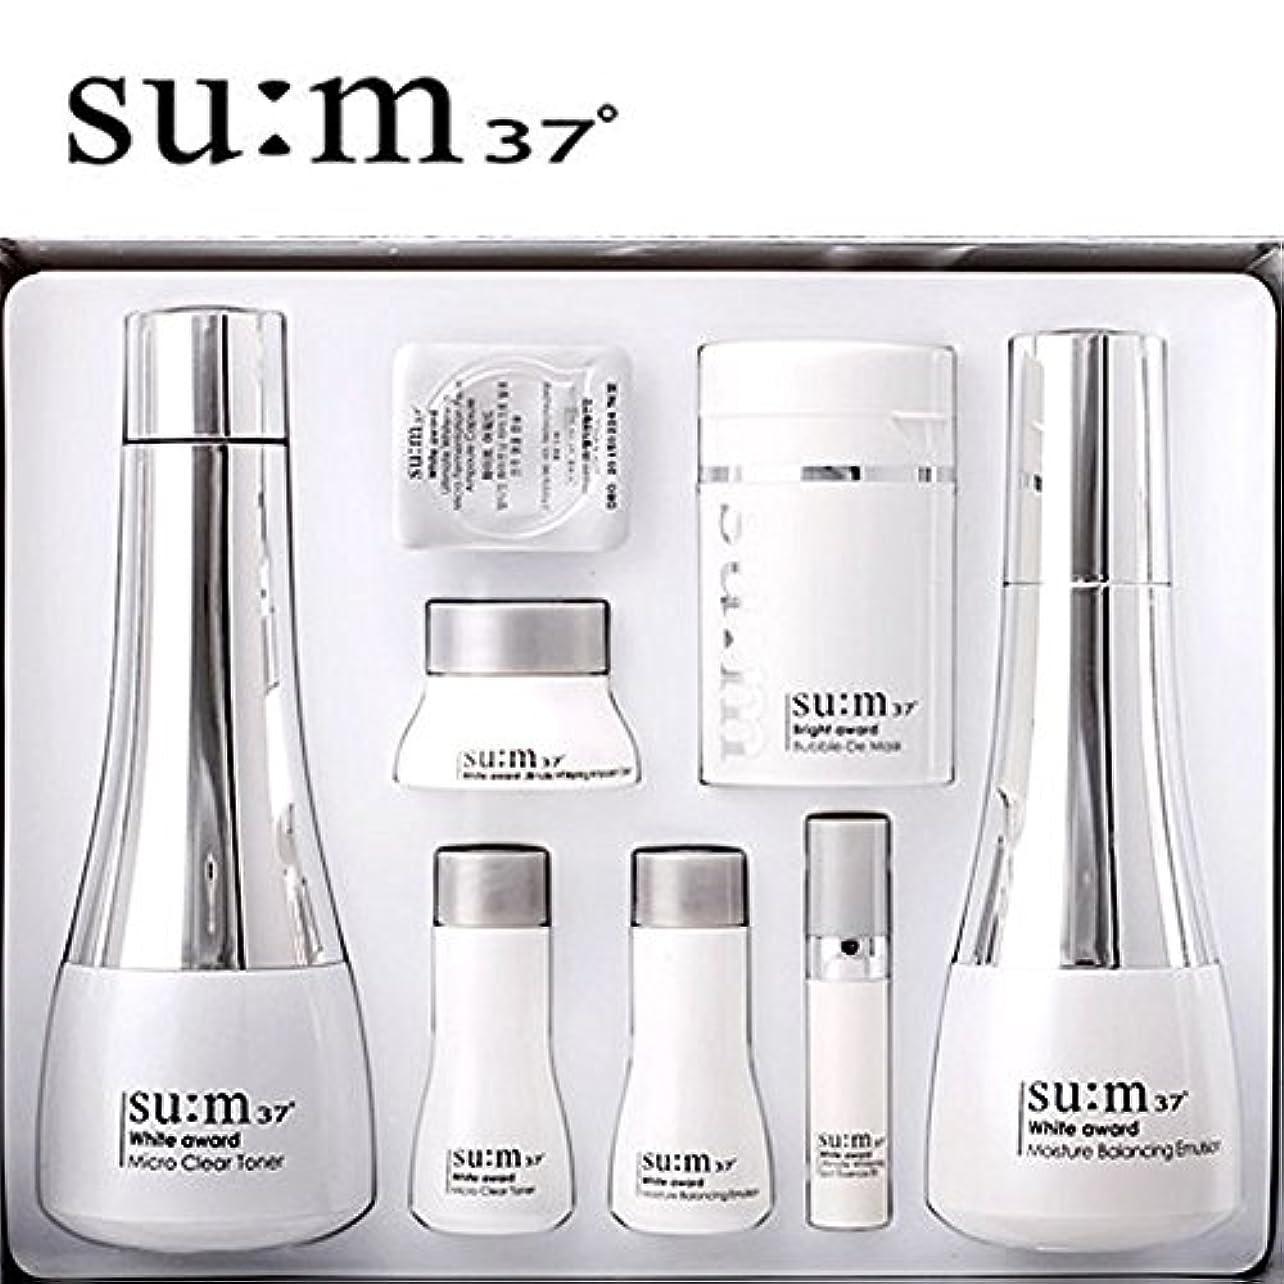 にじみ出るマニュアルリンケージ[su:m37/スム37°] SUM37 White Awards 2pcs Special Set/ホワイトアワード 2種 スペシャルセット+[Sample Gift](海外直送品)